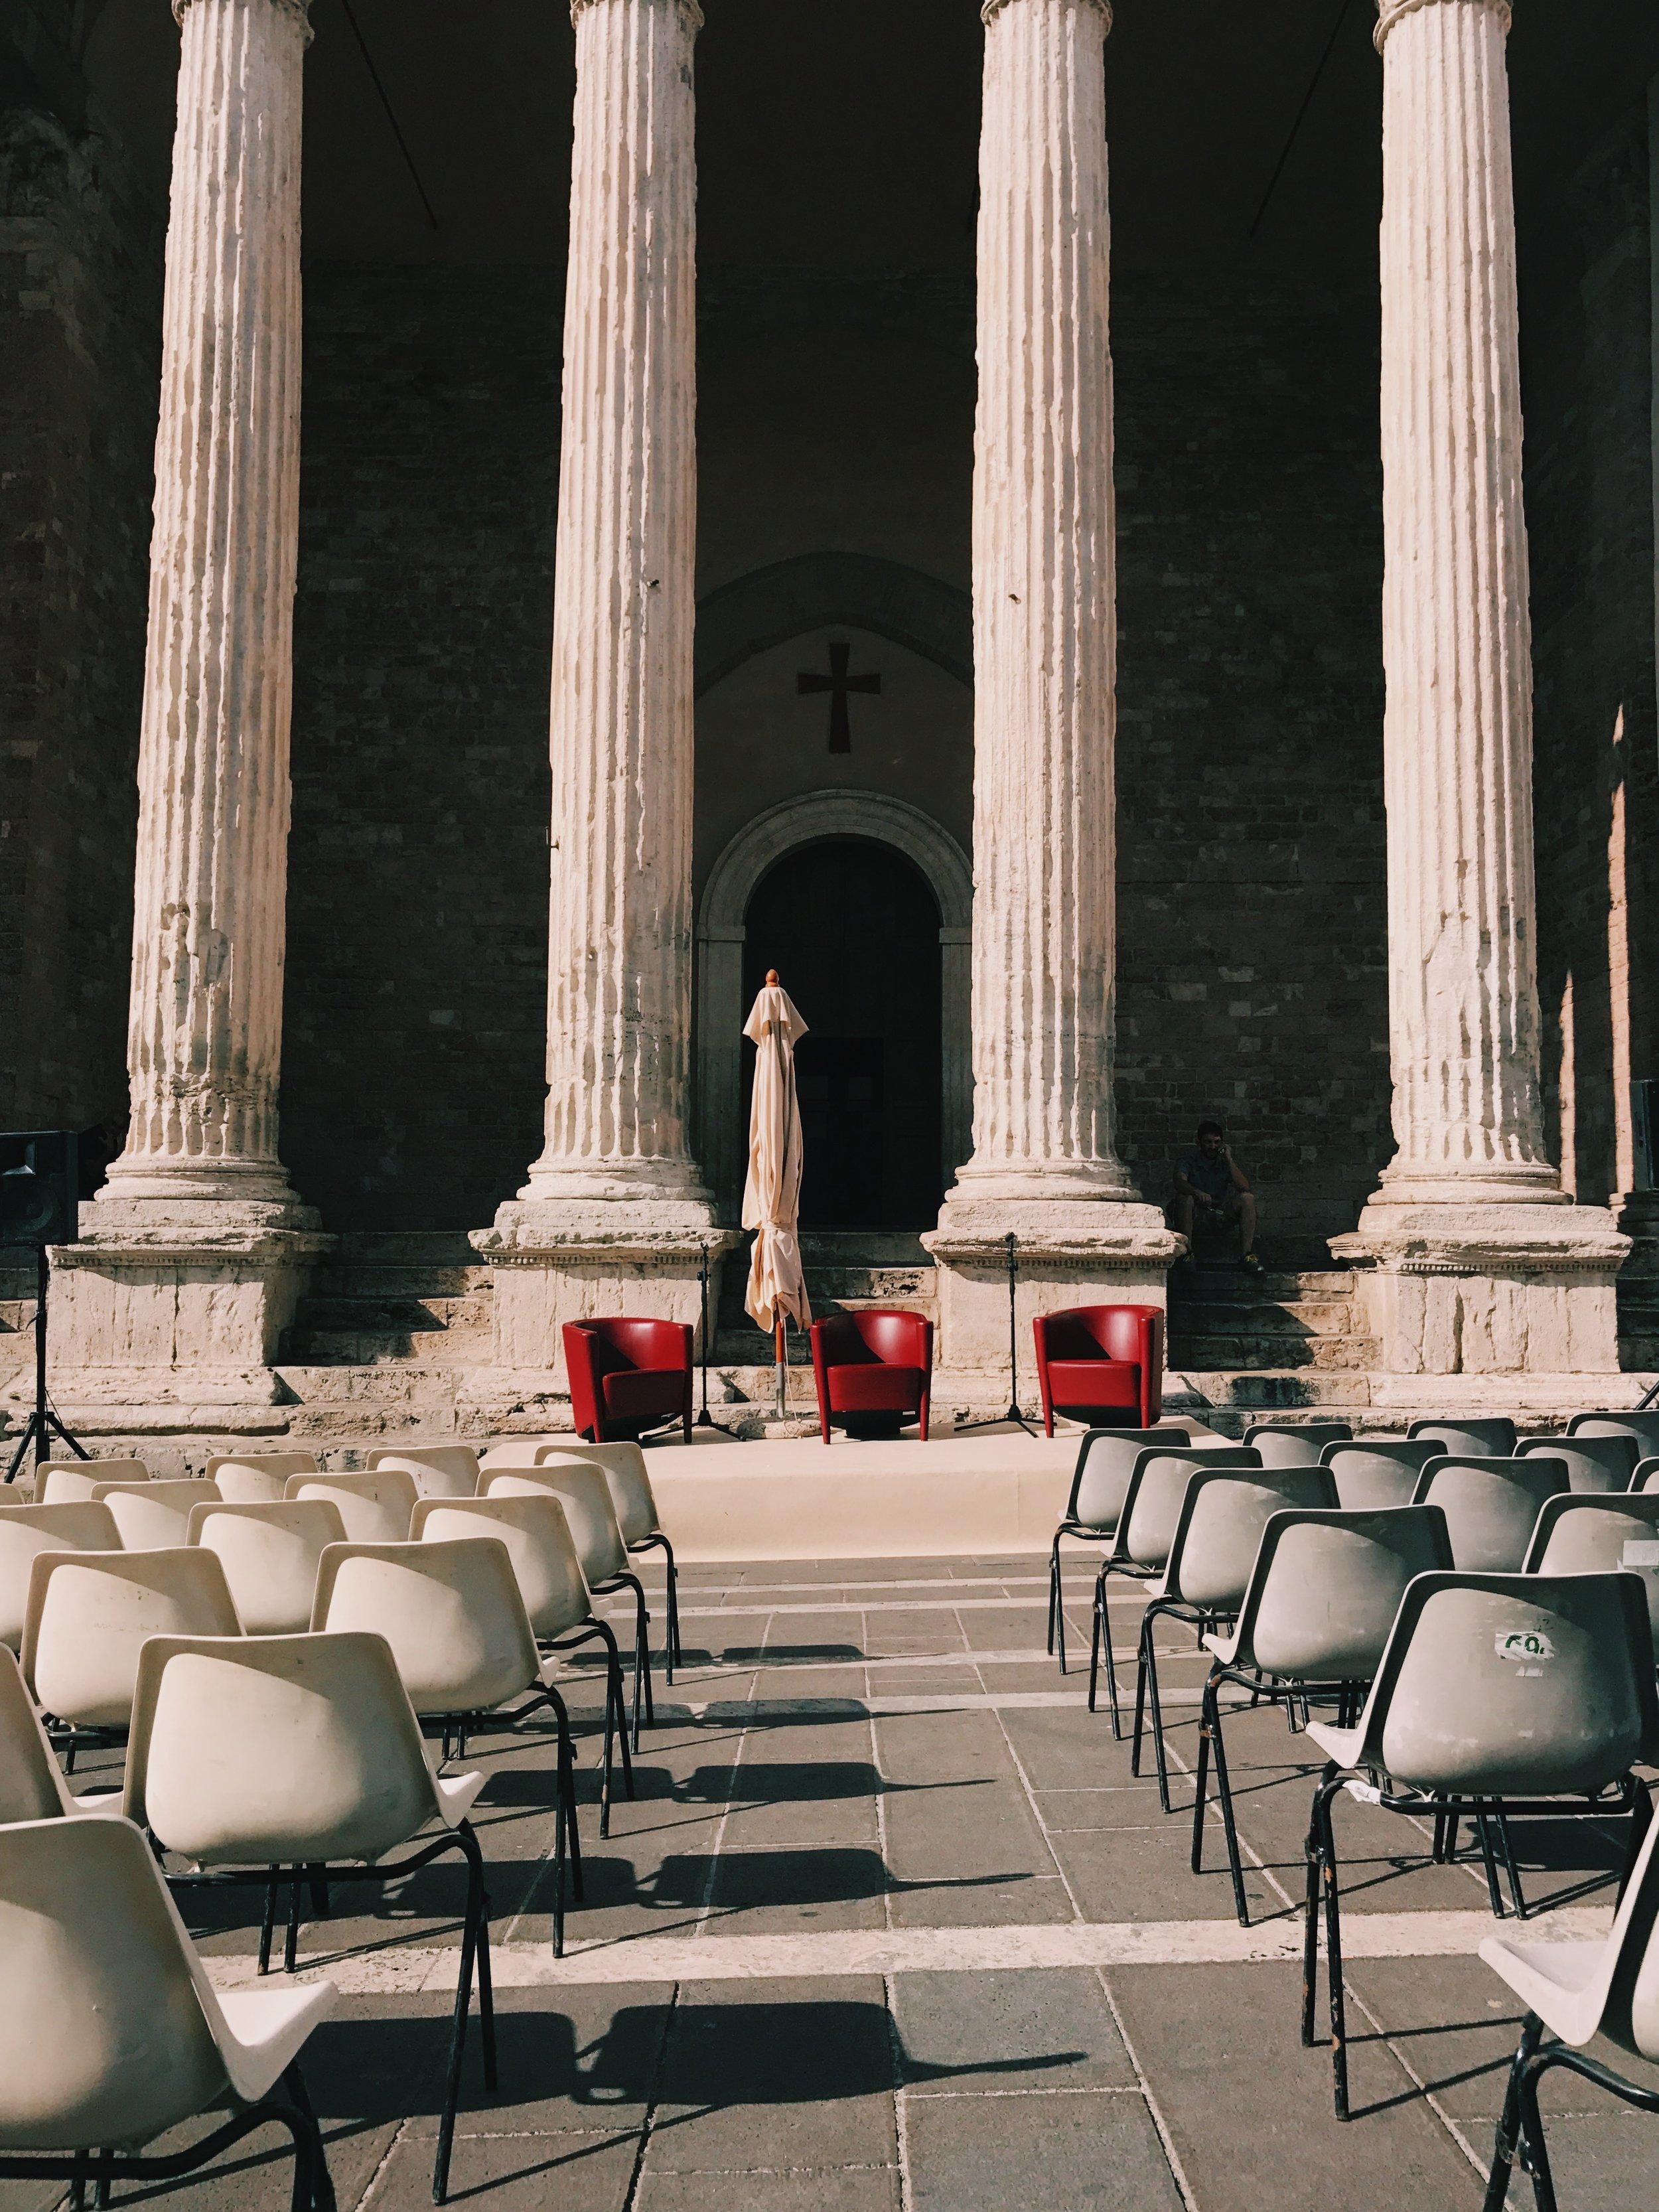 Assisi-01.jpg